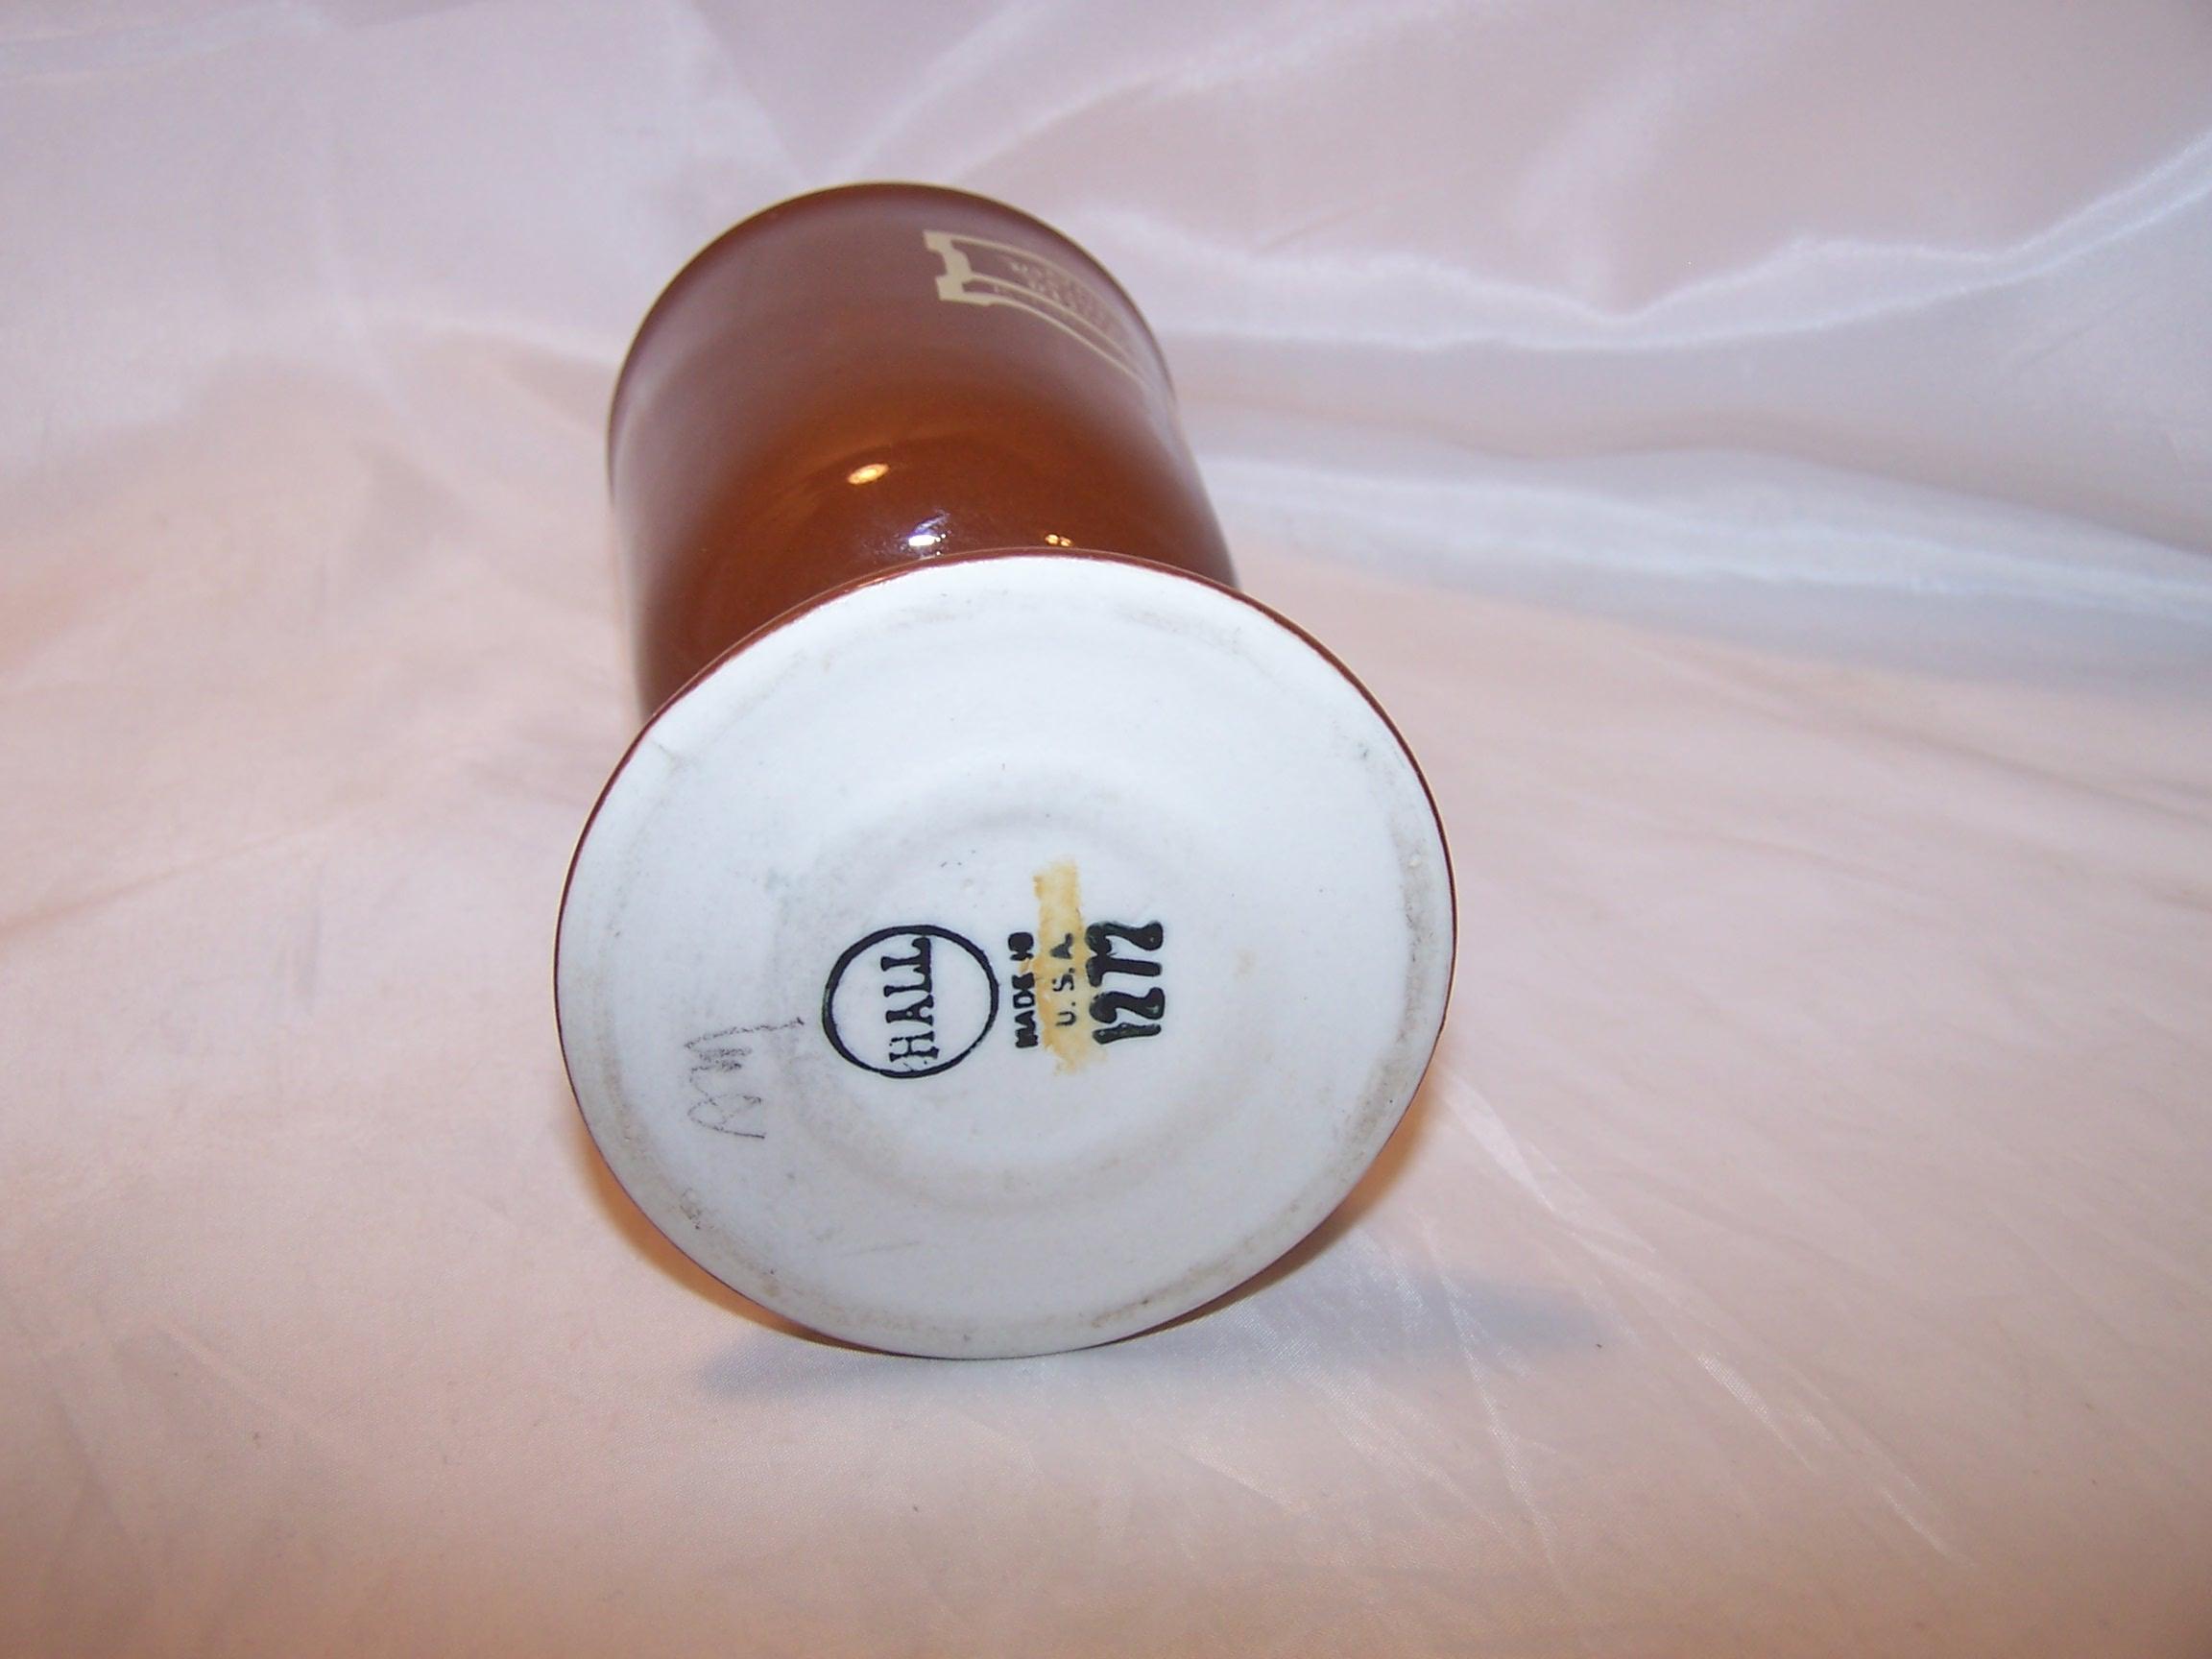 Image 5 of Art Modell Mug, The Pewter Mug